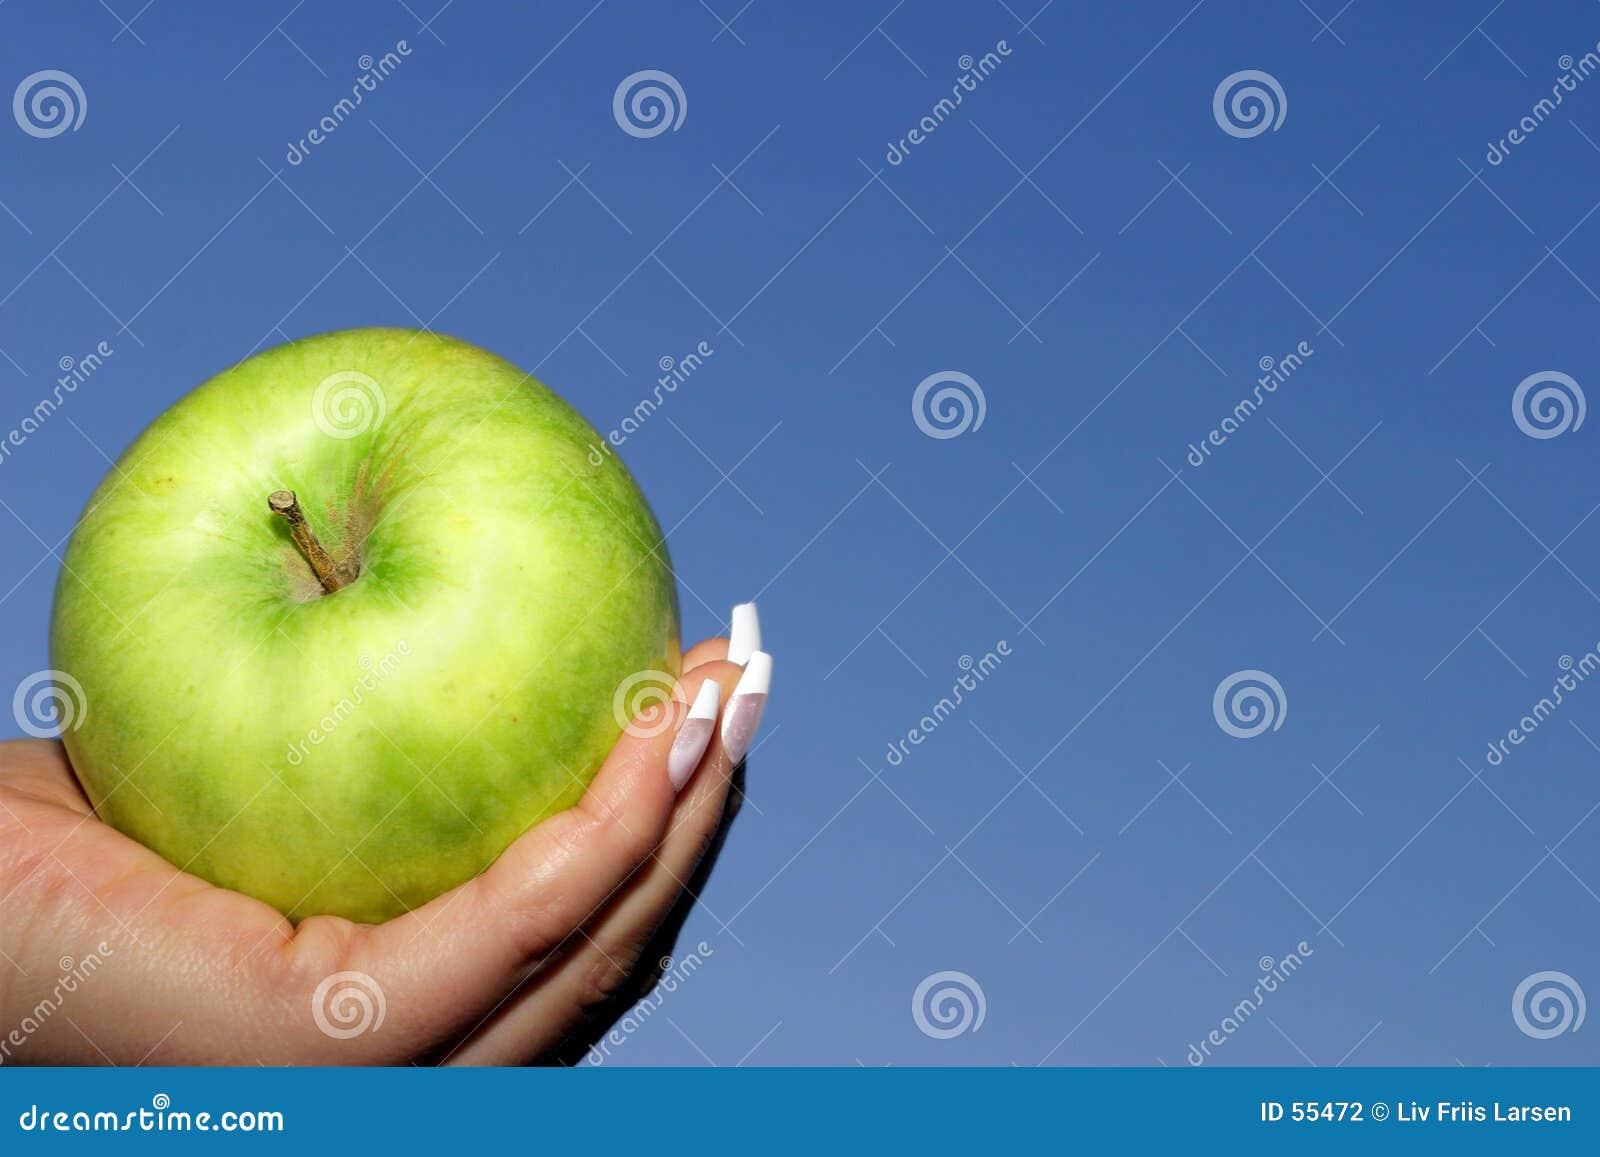 небо голубого зеленого цвета яблока